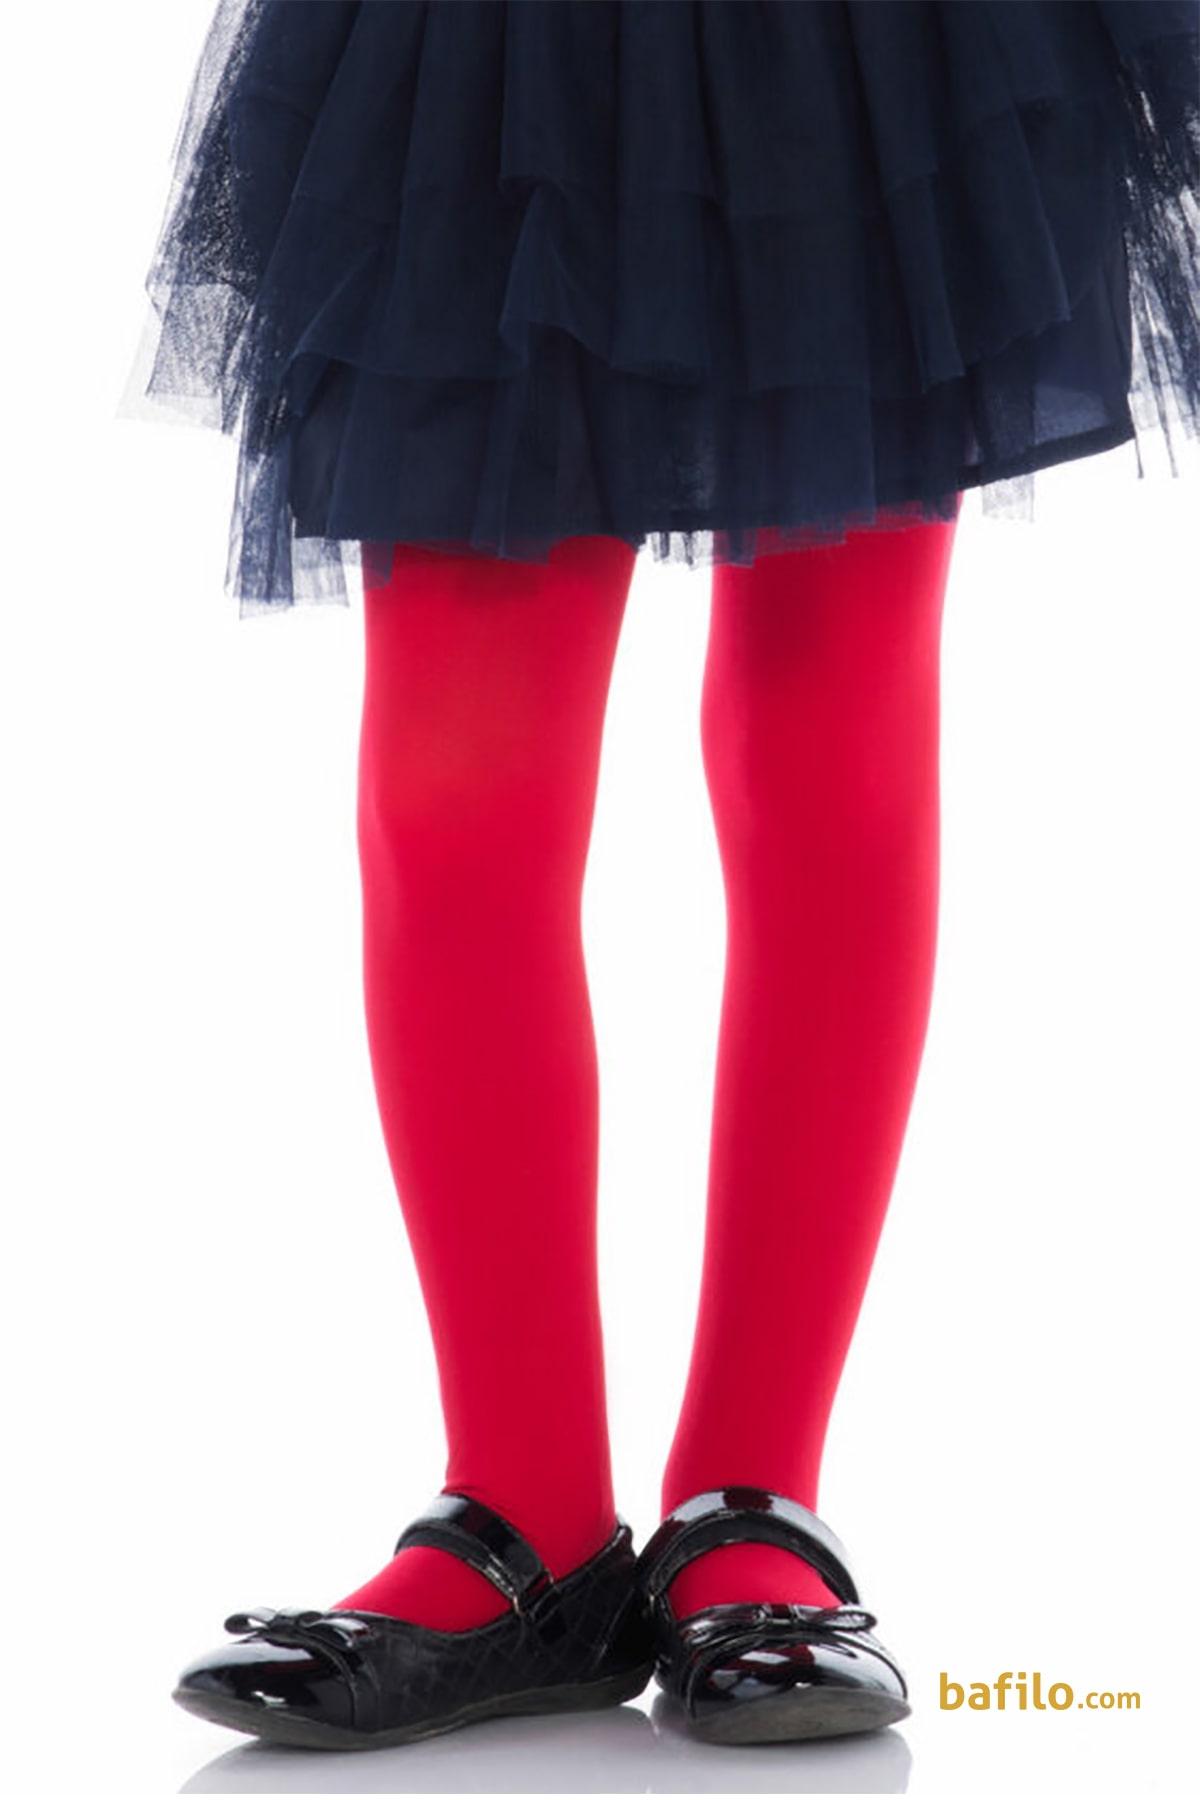 پنتی | Penti - جوراب شلواری ساده دخترانه پنتی Mikro 40 - قرمز